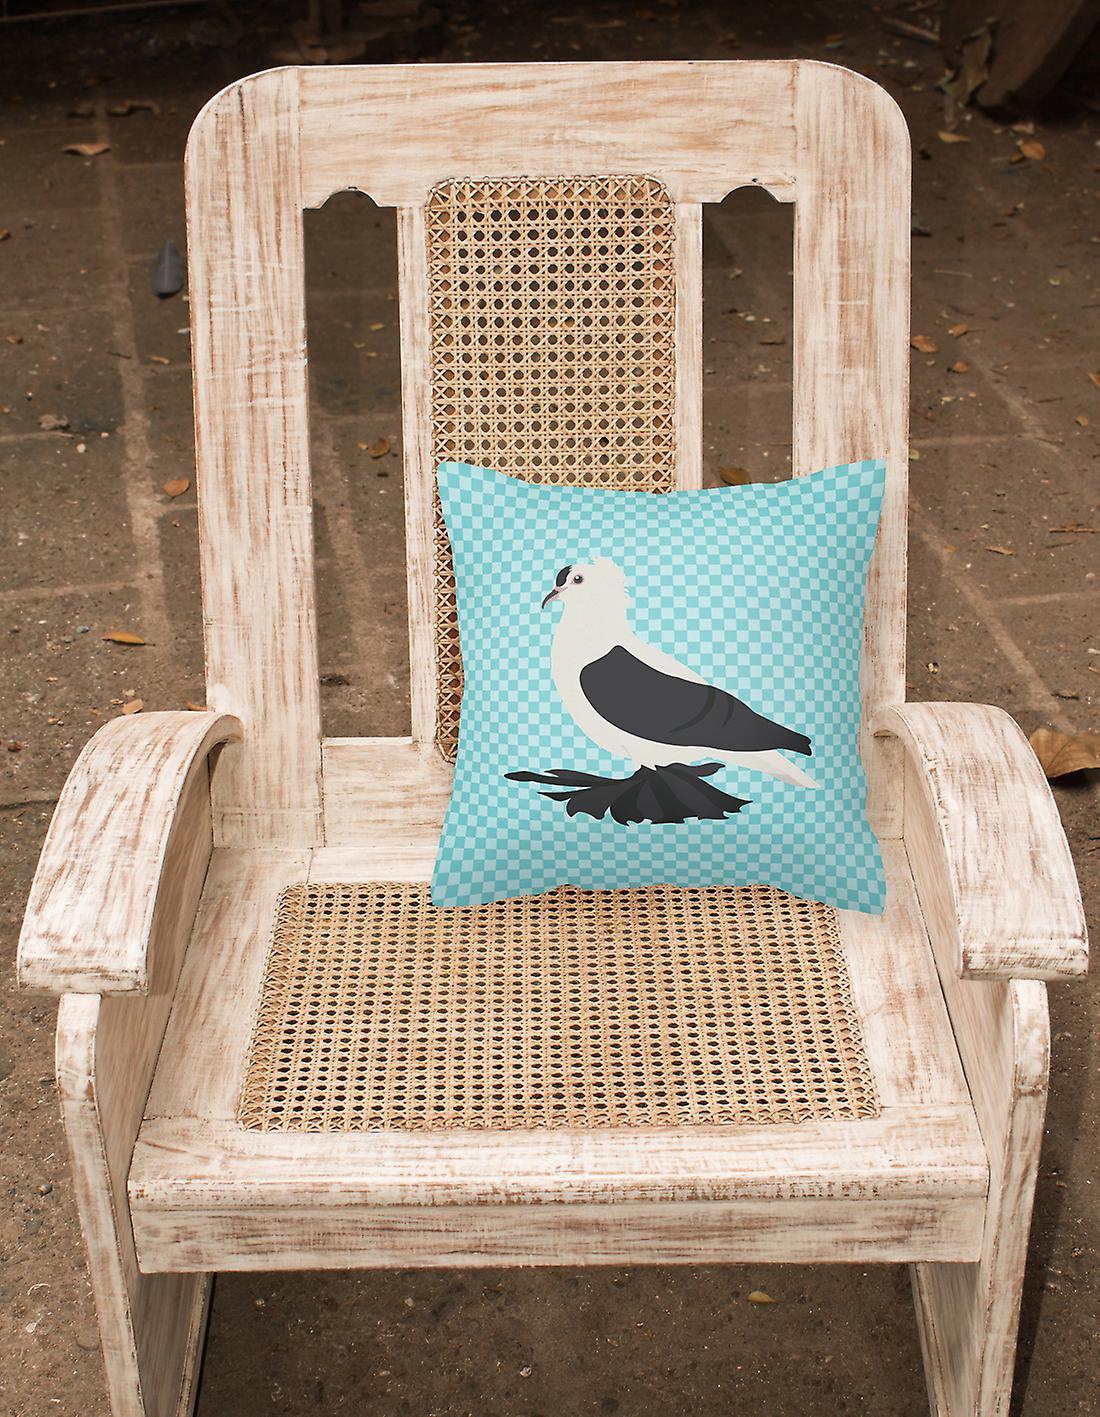 Saxon Fairy Swallow Pigeon Blue Check Fabric Decorative Pillow - Dégagement ZF3ez